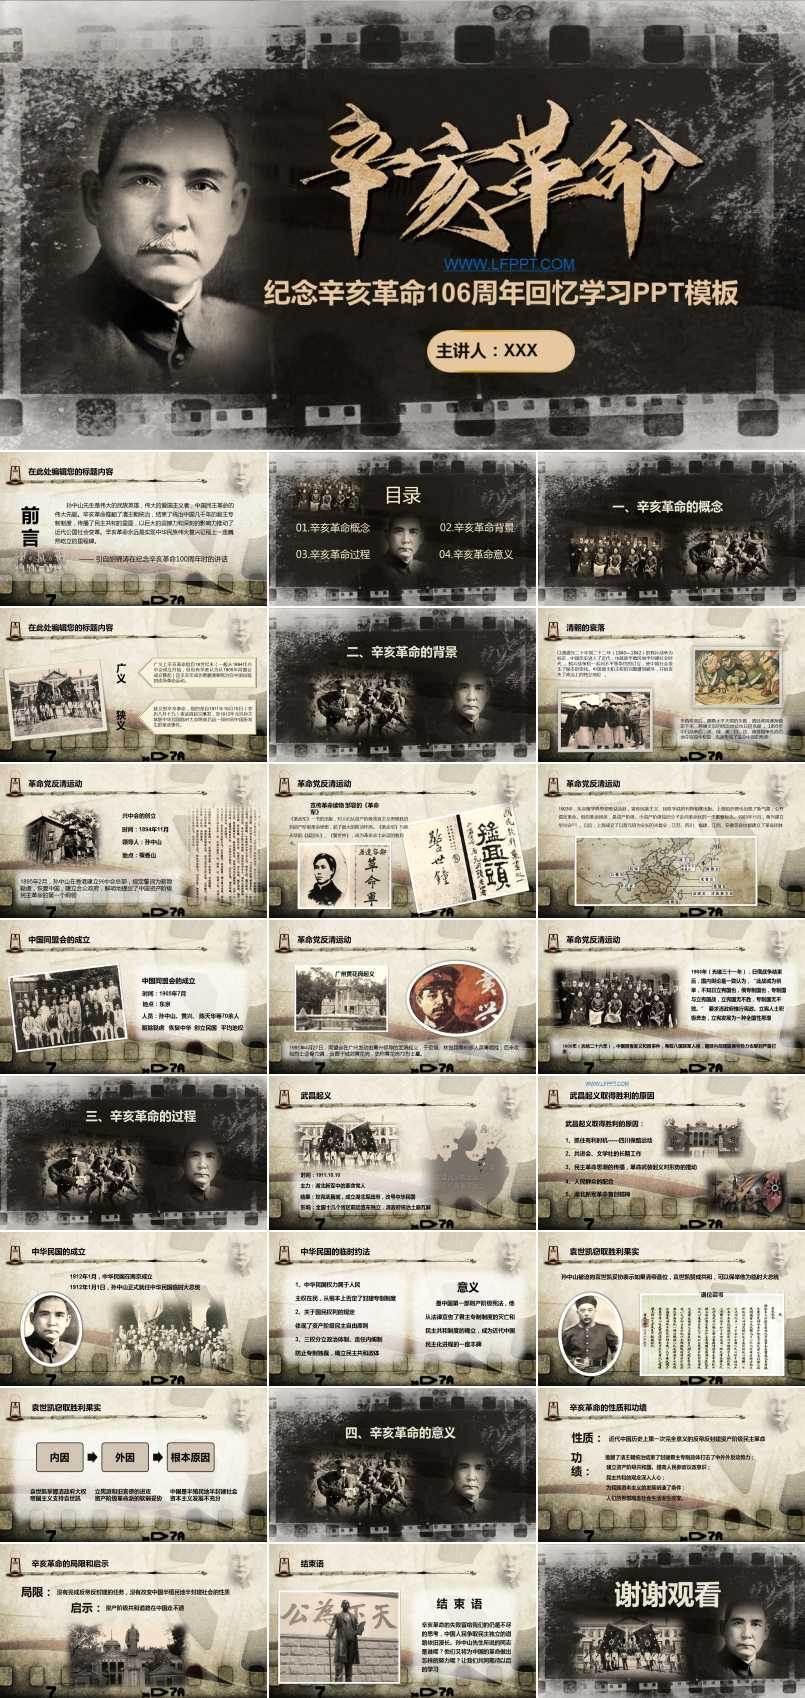 黑白怀旧风格纪念辛亥革命106周年回忆学习PPT模板